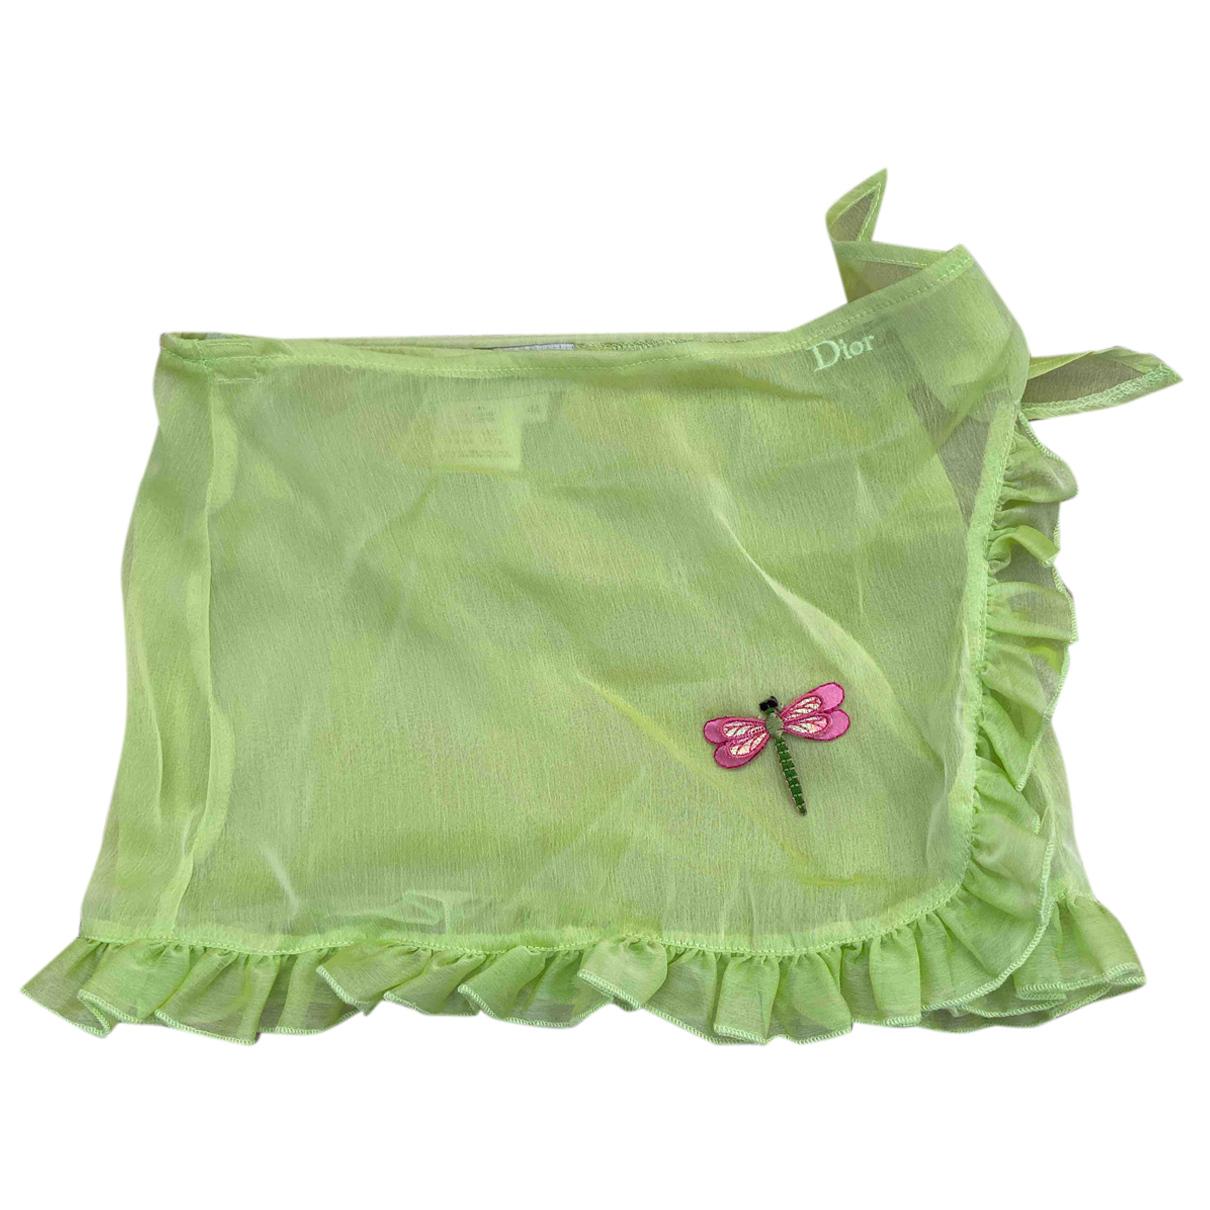 Dior - Jupe   pour enfant - vert